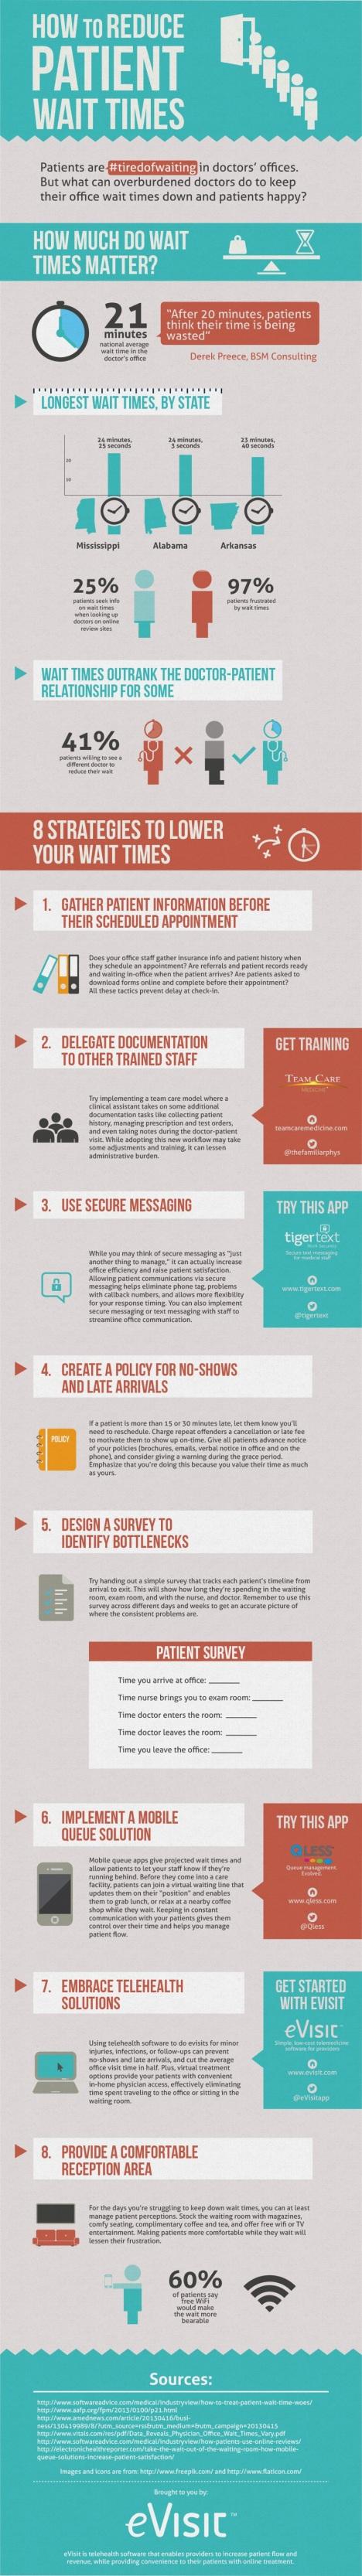 reducepatientwaittime_infographic